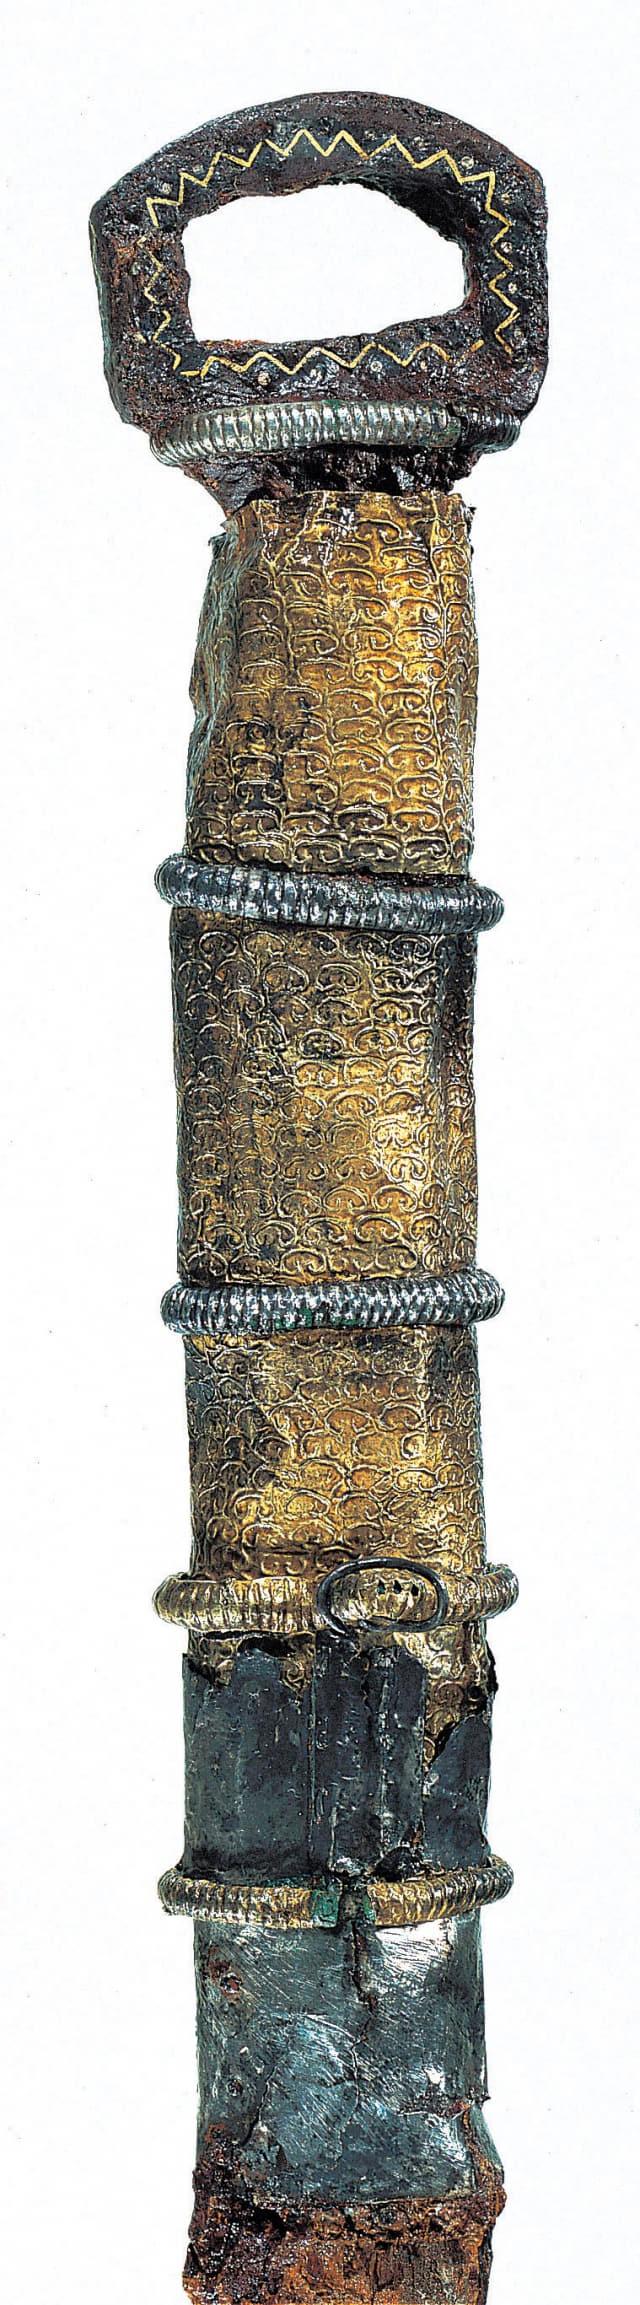 함안 말이산 고분군 마갑총 출토 둥근고리큰칼